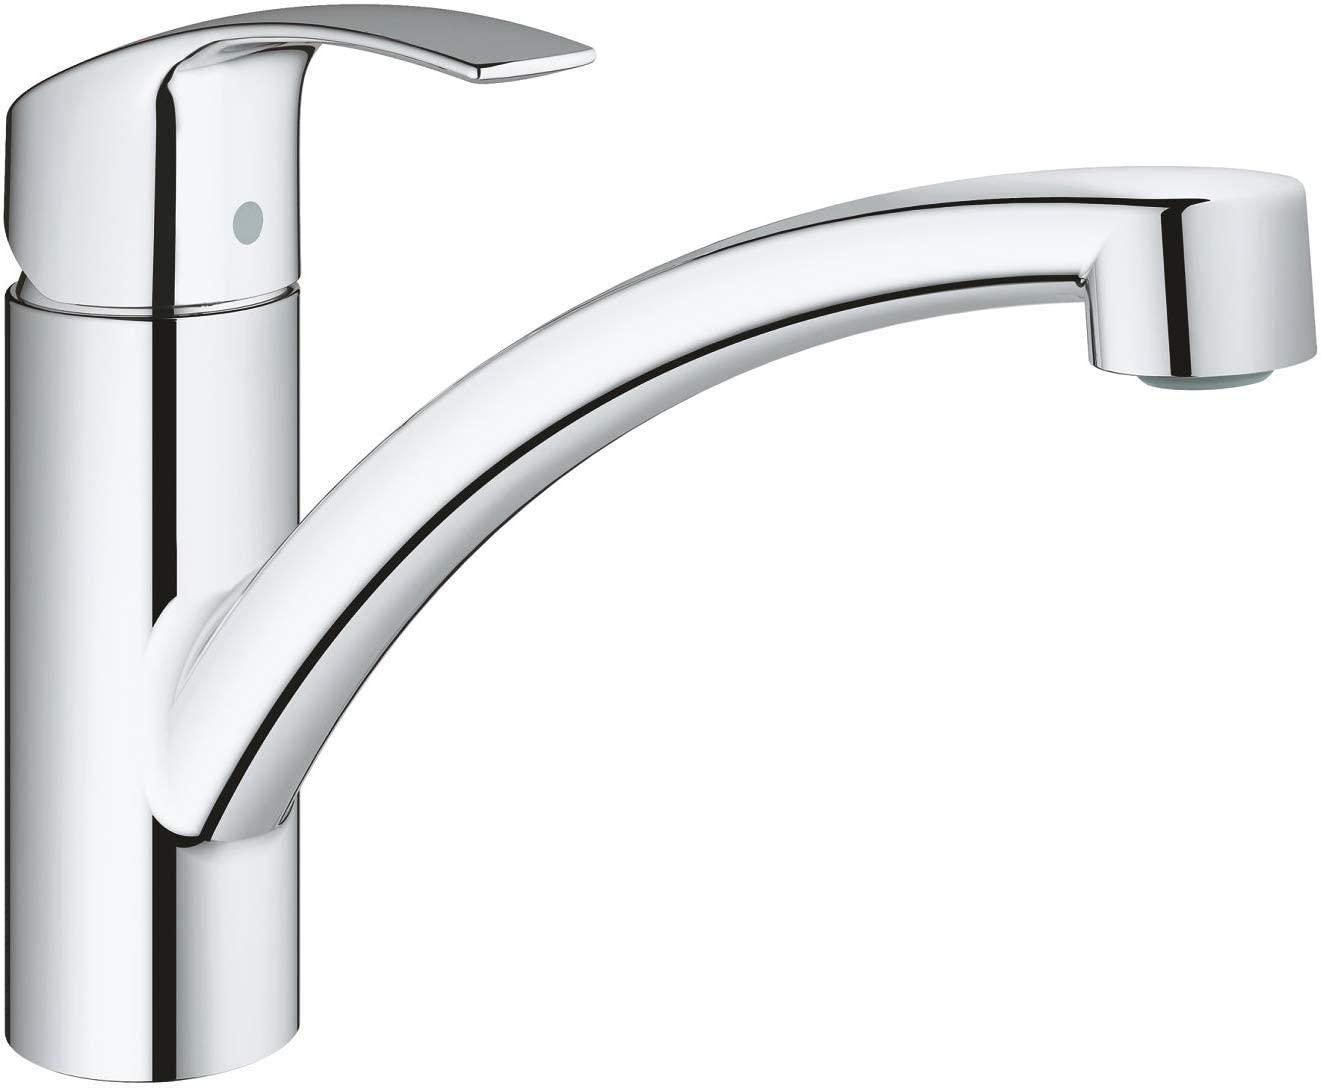 Full Size of Grohe Eurosmart Einhand Spltischbatterie Wasserhahn Für Küche Thermostat Dusche Bad Wandanschluss Wohnzimmer Grohe Wasserhahn